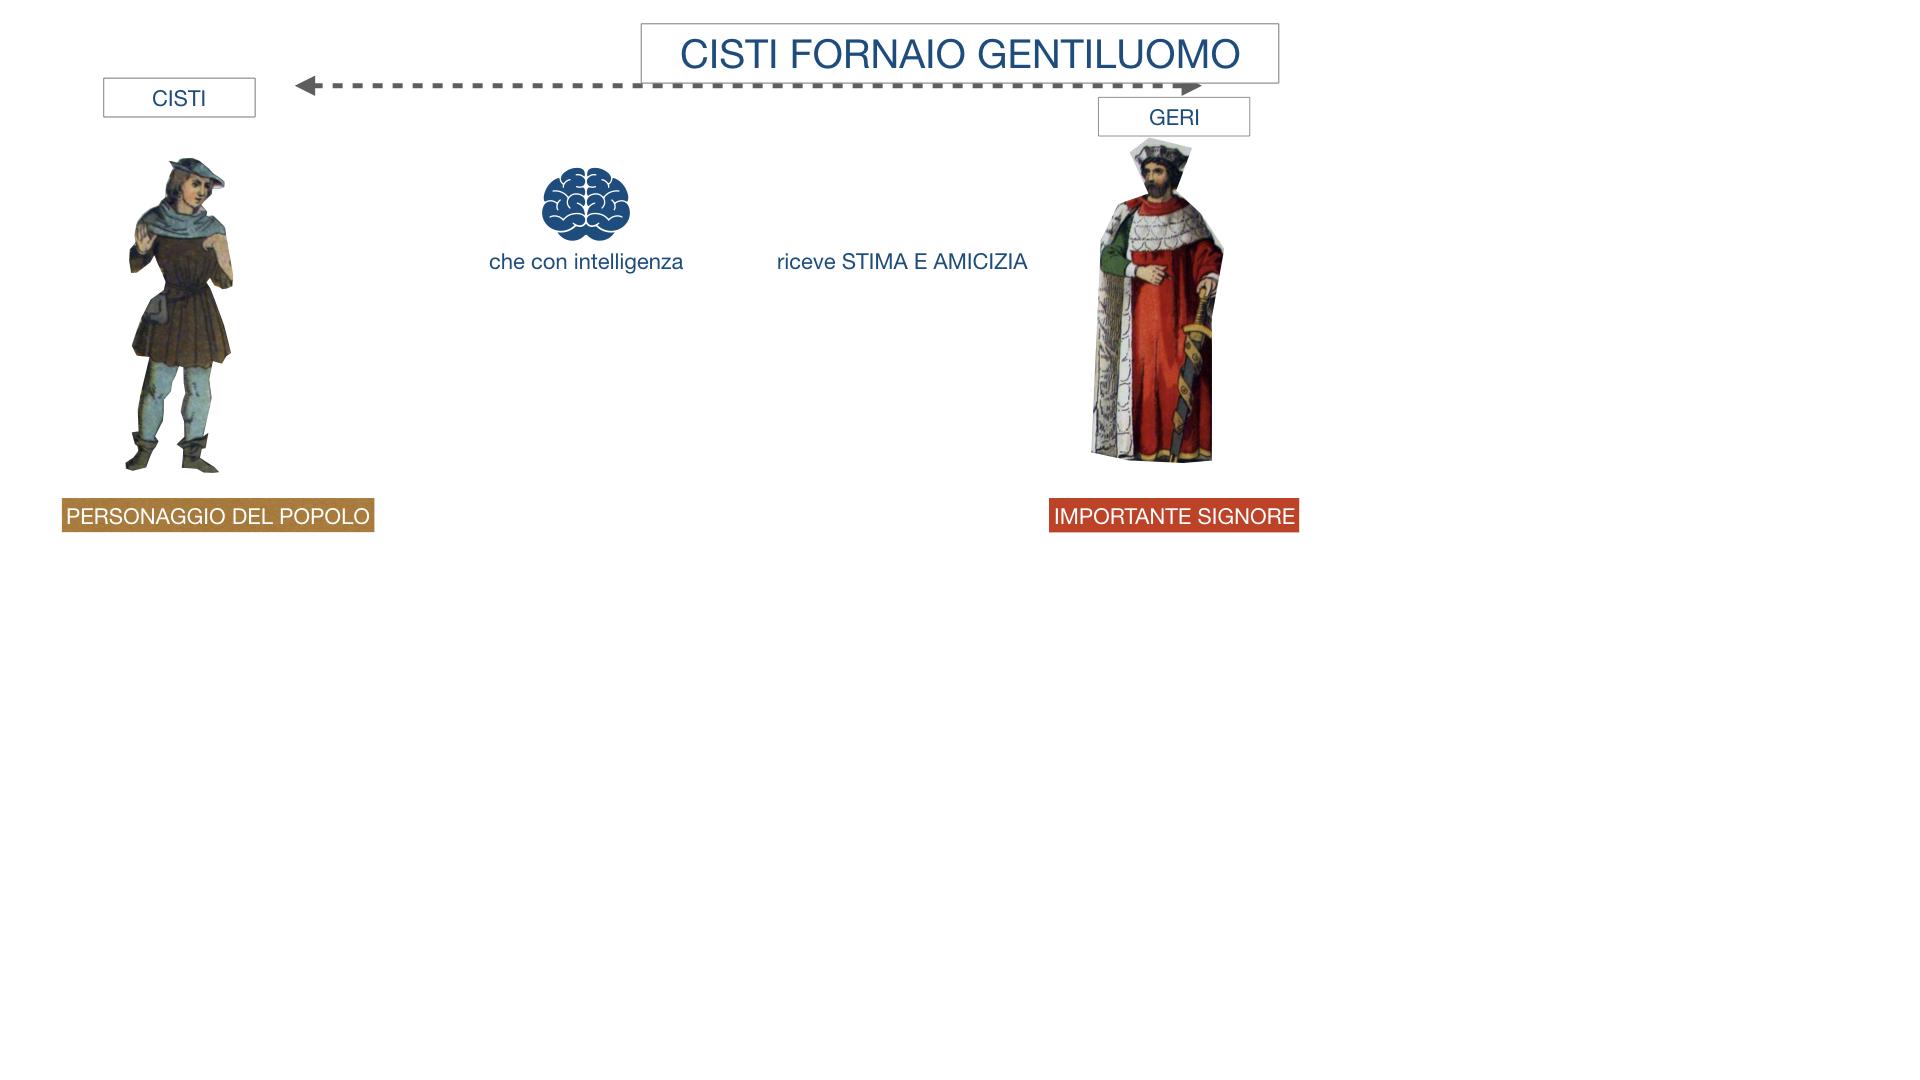 CISTI IL FORNAIO_SIMULAZIONE .005